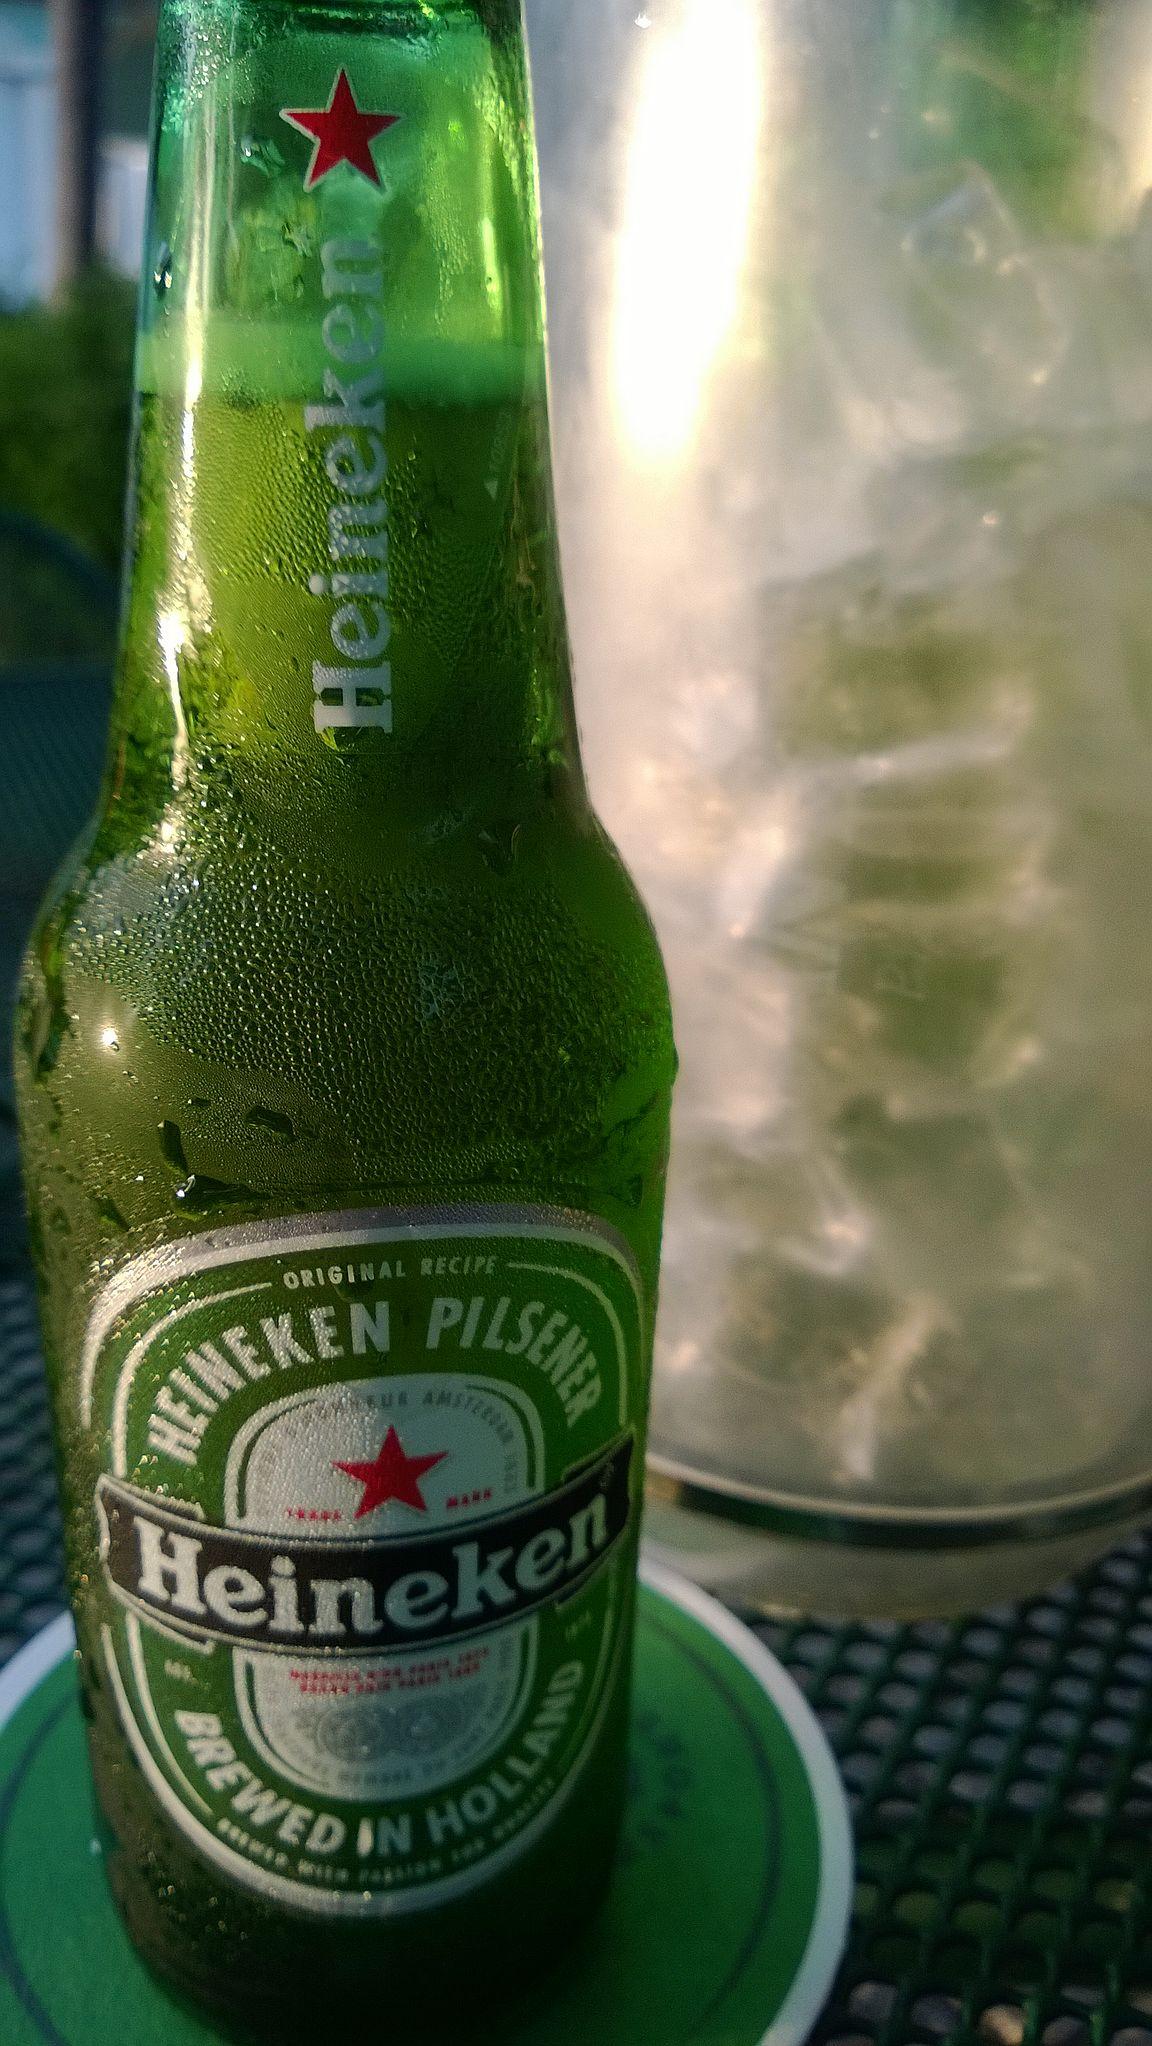 The Green House ja takuuvarmana hollantilaisuudesta kertova jääkylmä Heineken.